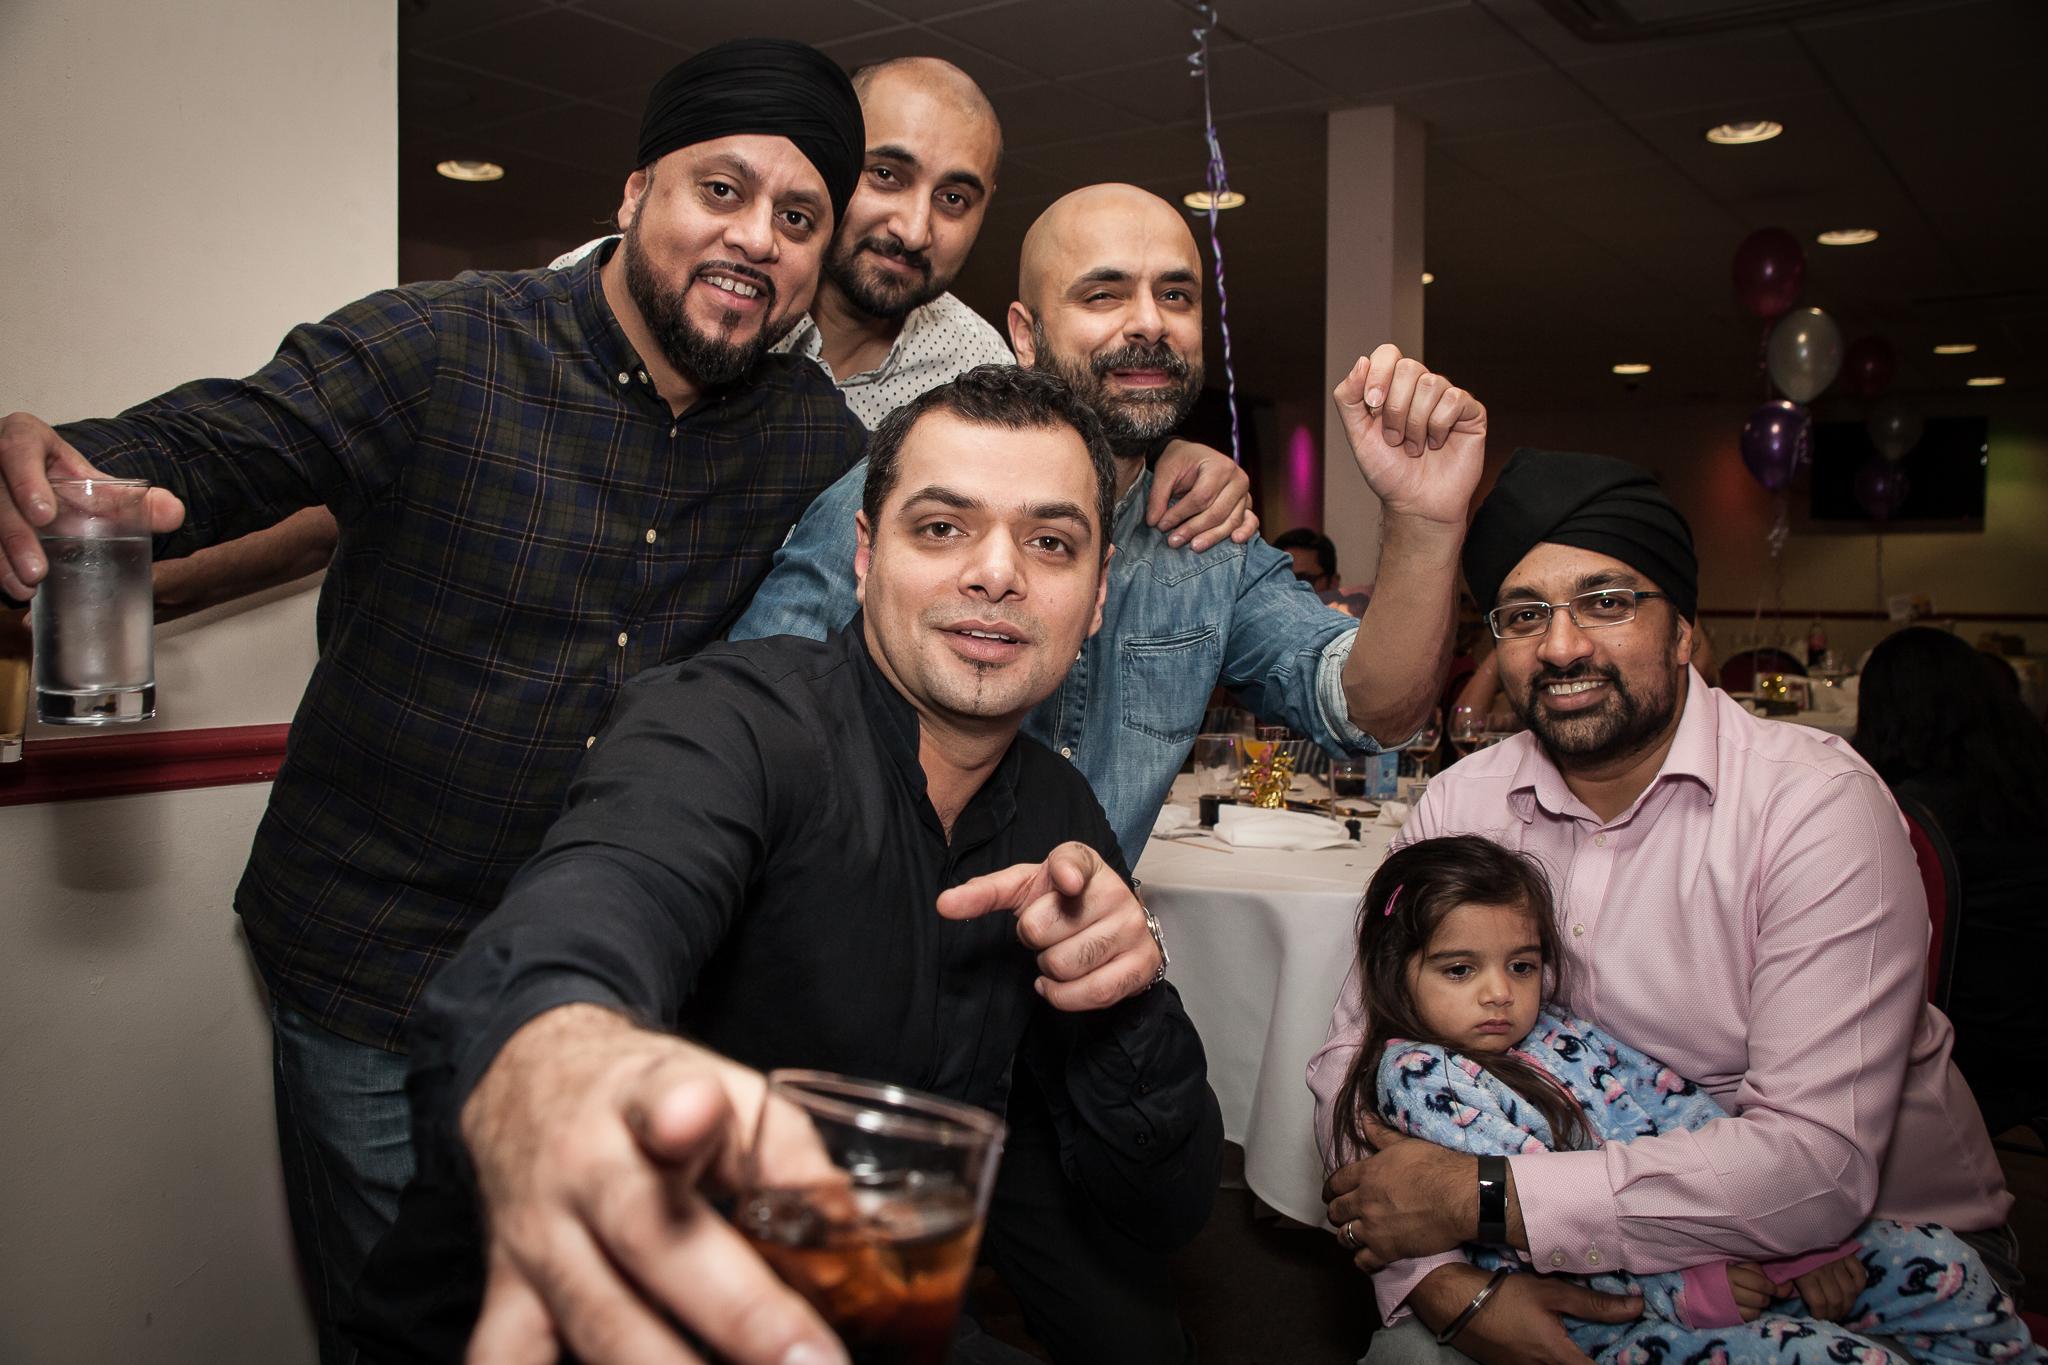 Sikh birthday photography